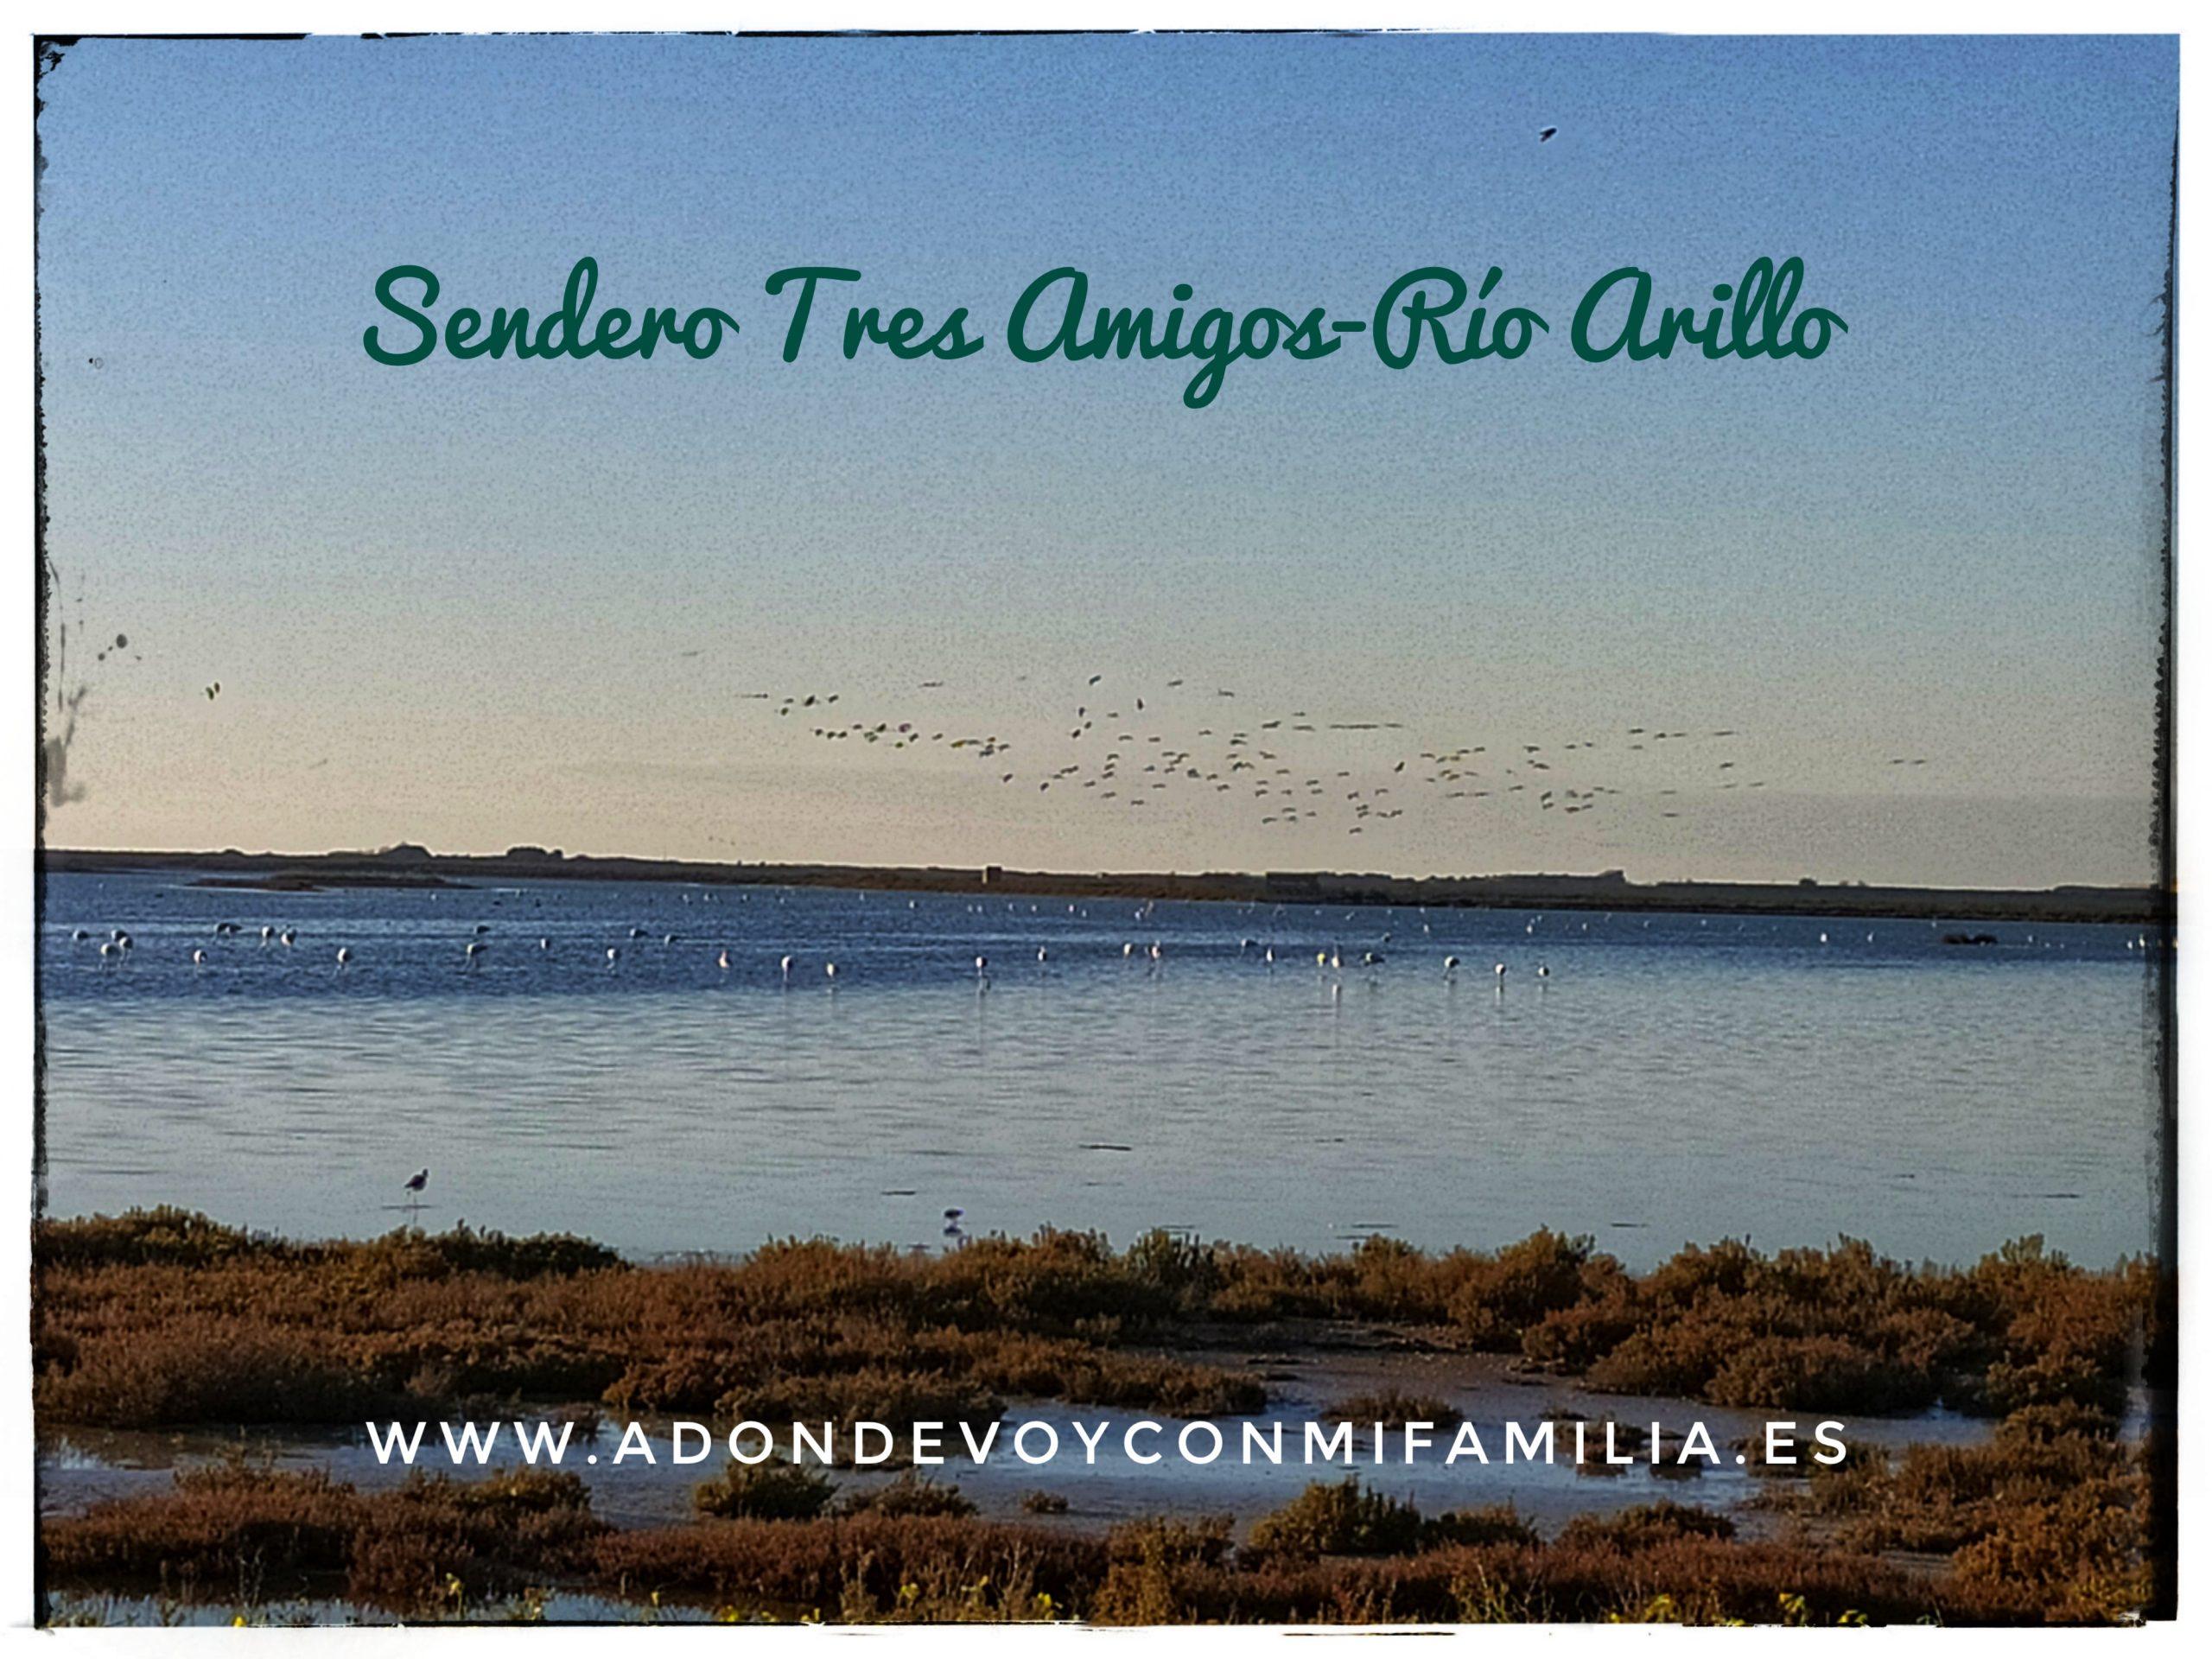 Sendero Tres amigos Río Arillo (San Fernando)